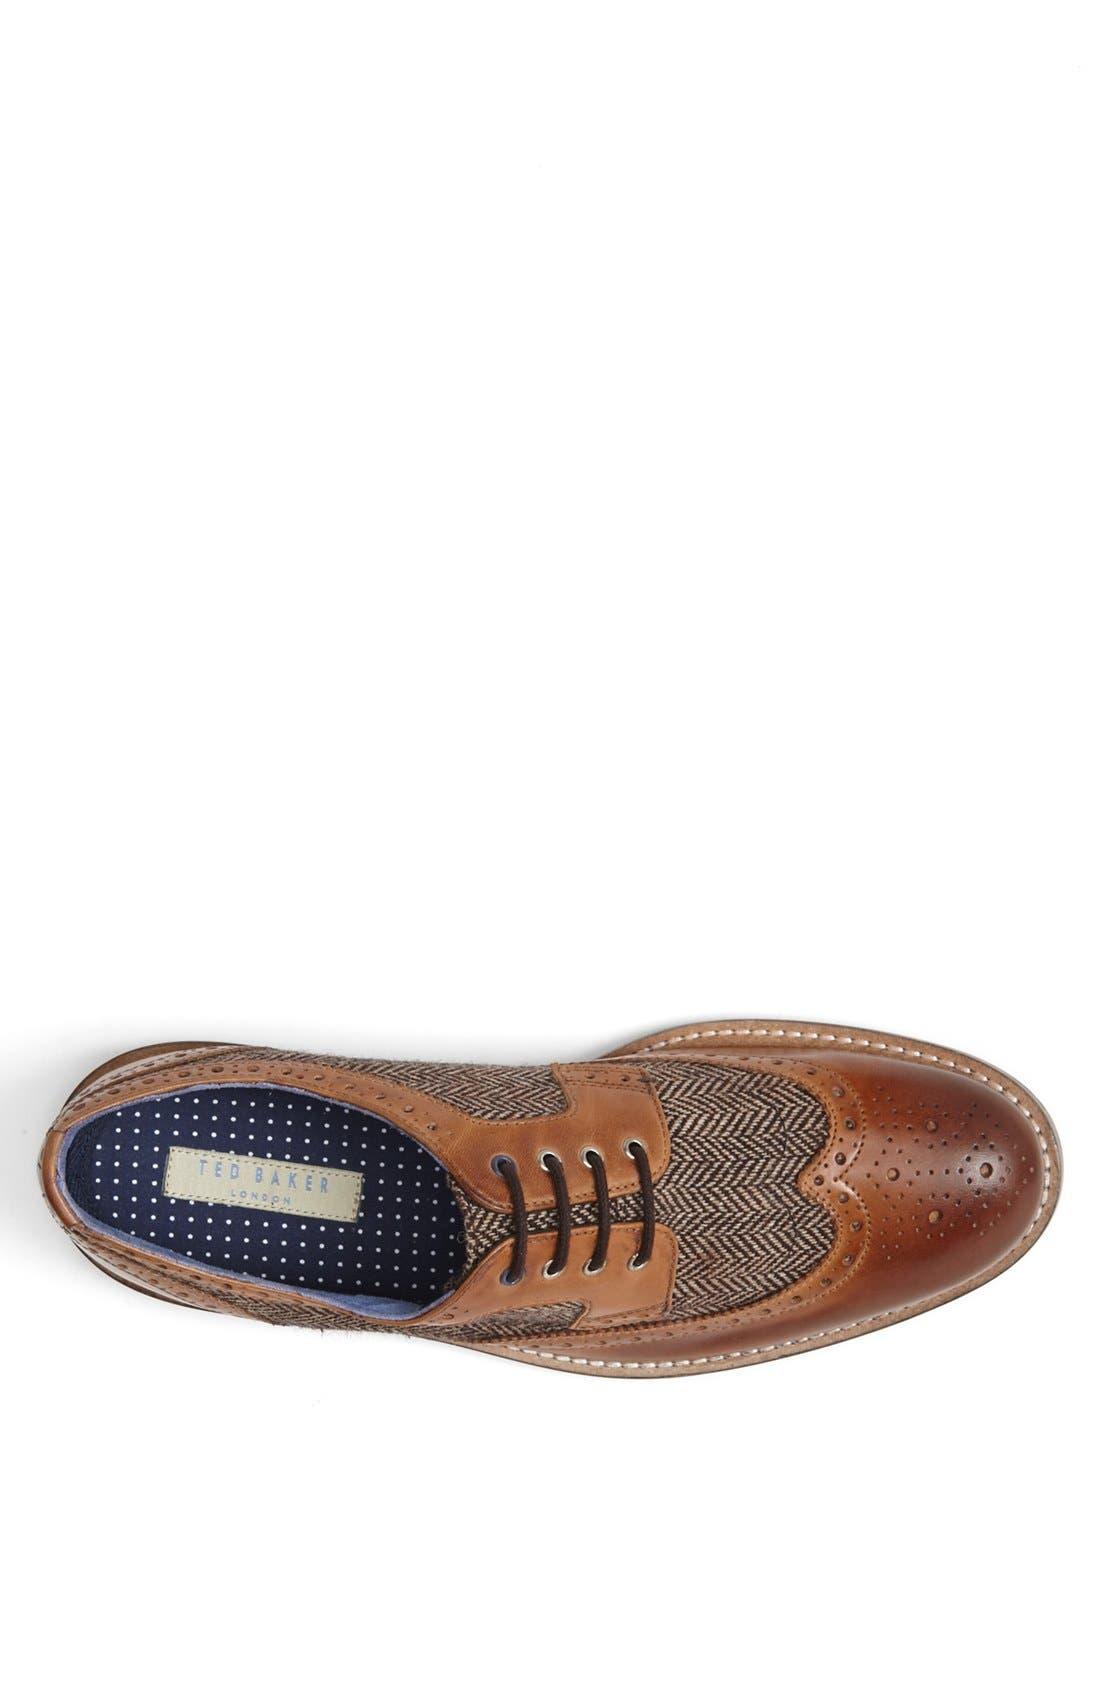 Alternate Image 3  - Ted Baker London 'Cassiuss 2' Spectator Shoe